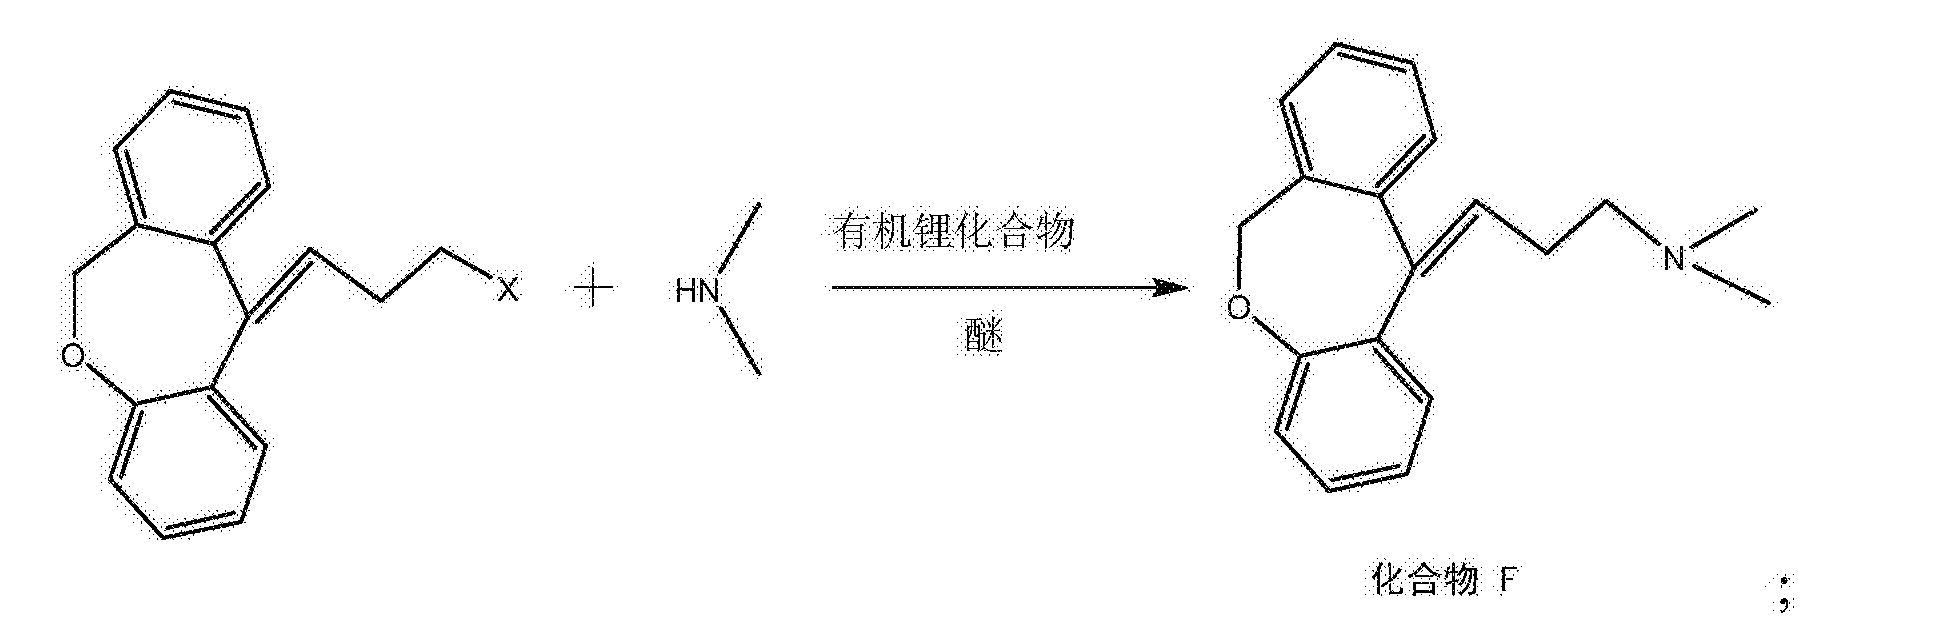 Figure CN105330638AC00041